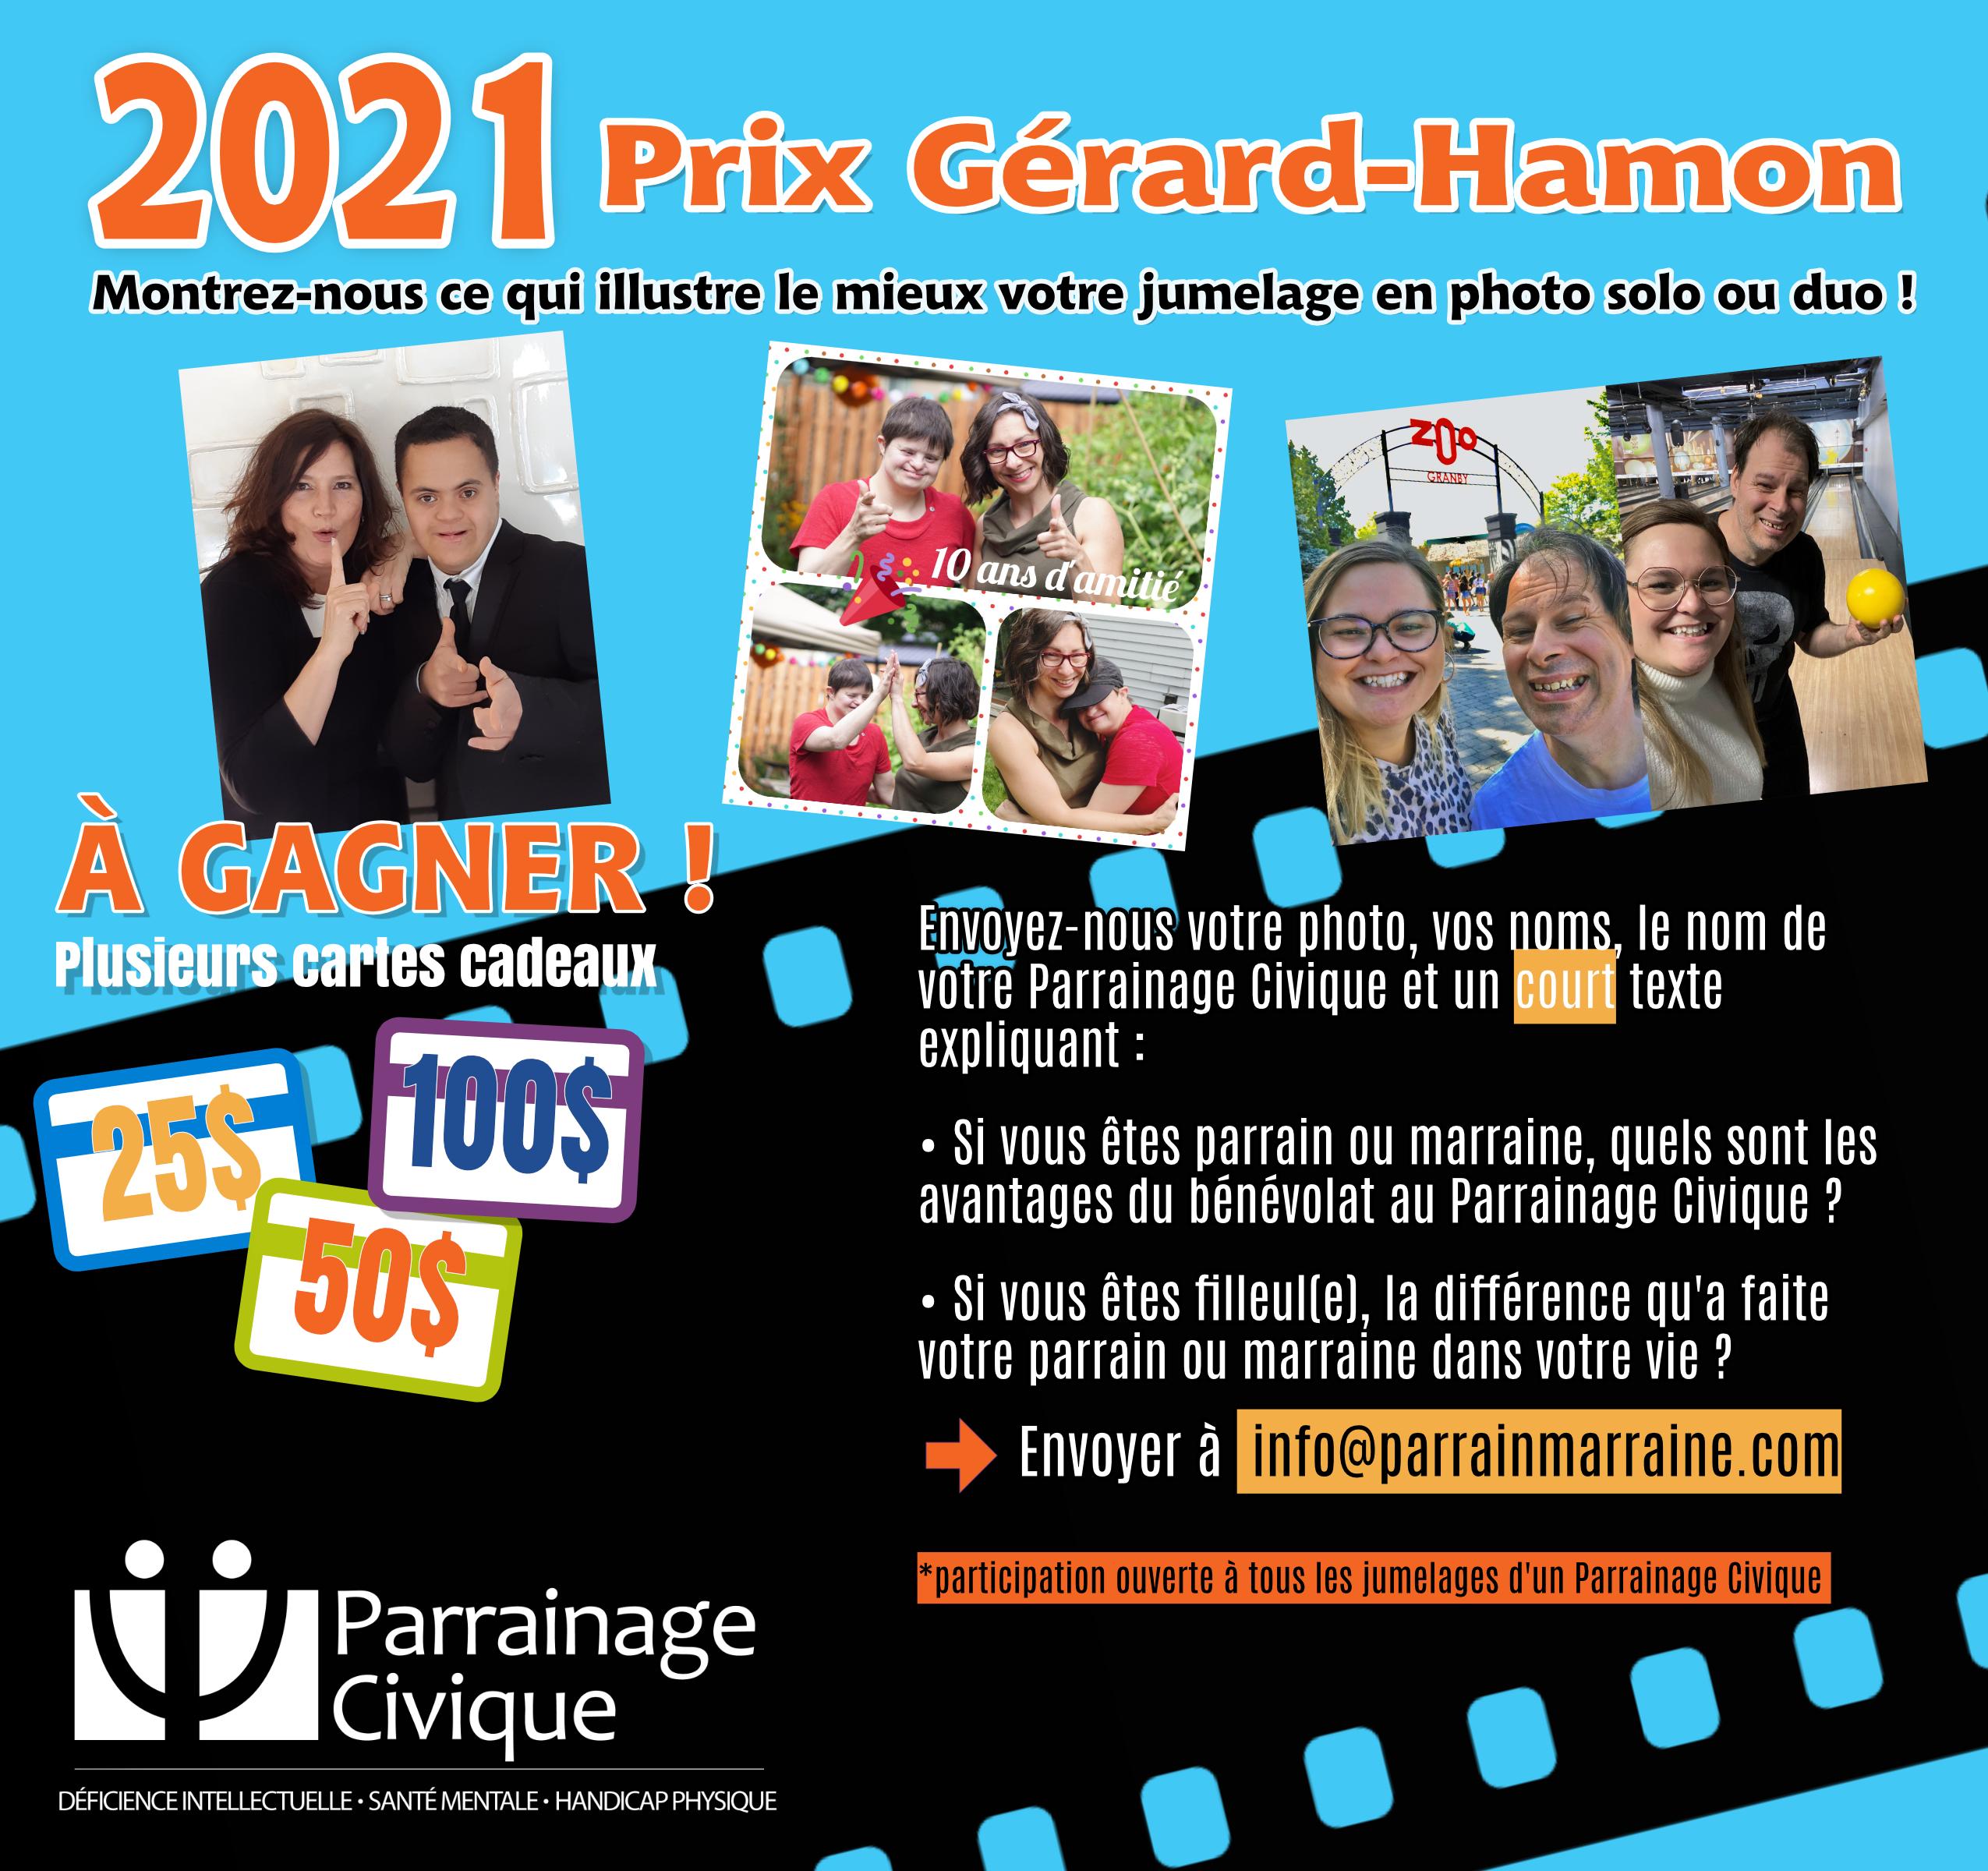 Prix Gérard-Hamon 2021